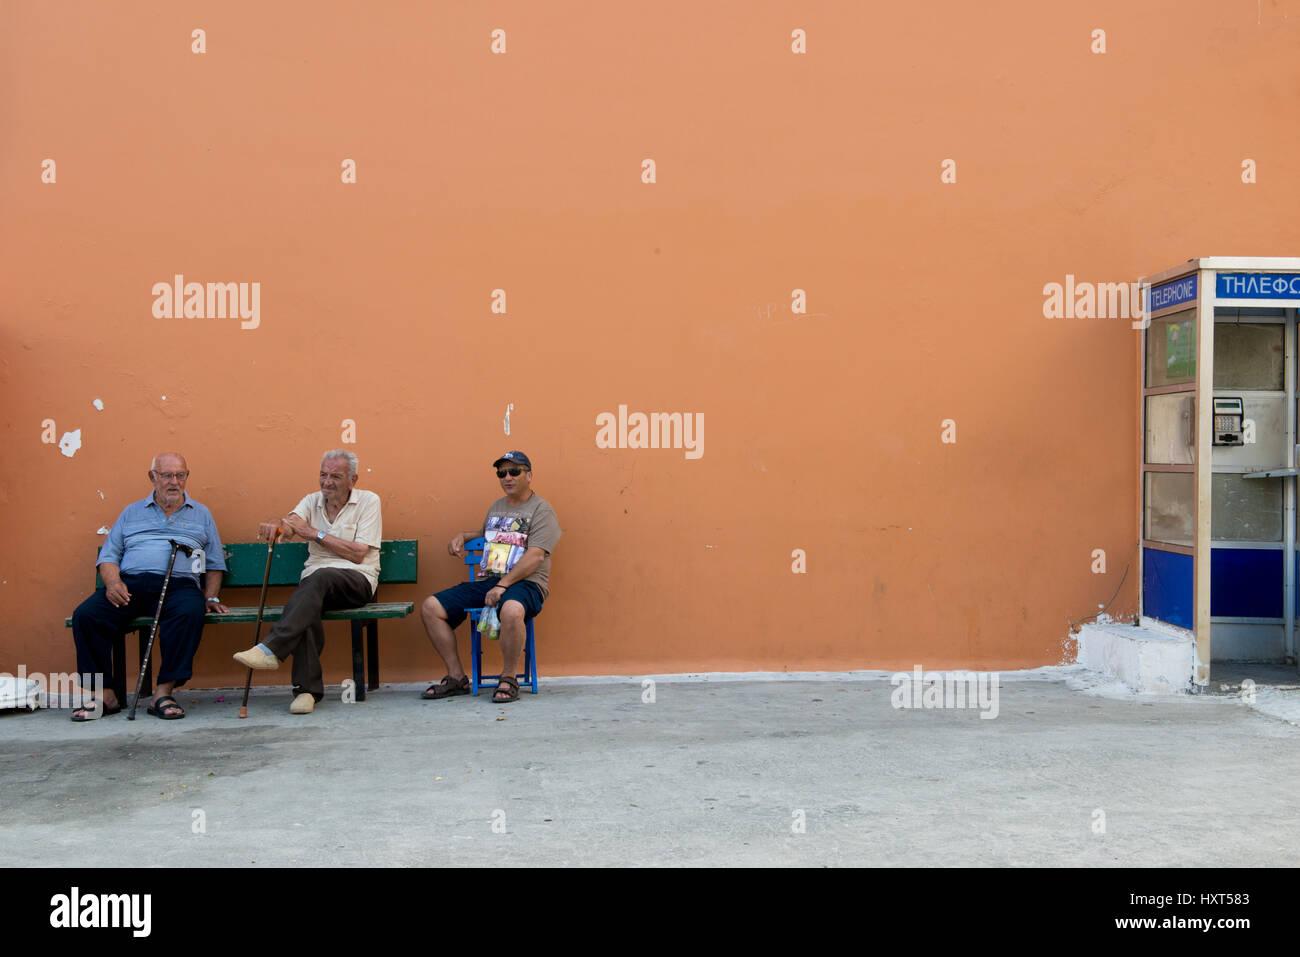 drei ältere Männer sitzen auf einer Bank vor einer lachsfarbenen Hauswand, seitlich eine Telefonzelle, - Stock Image